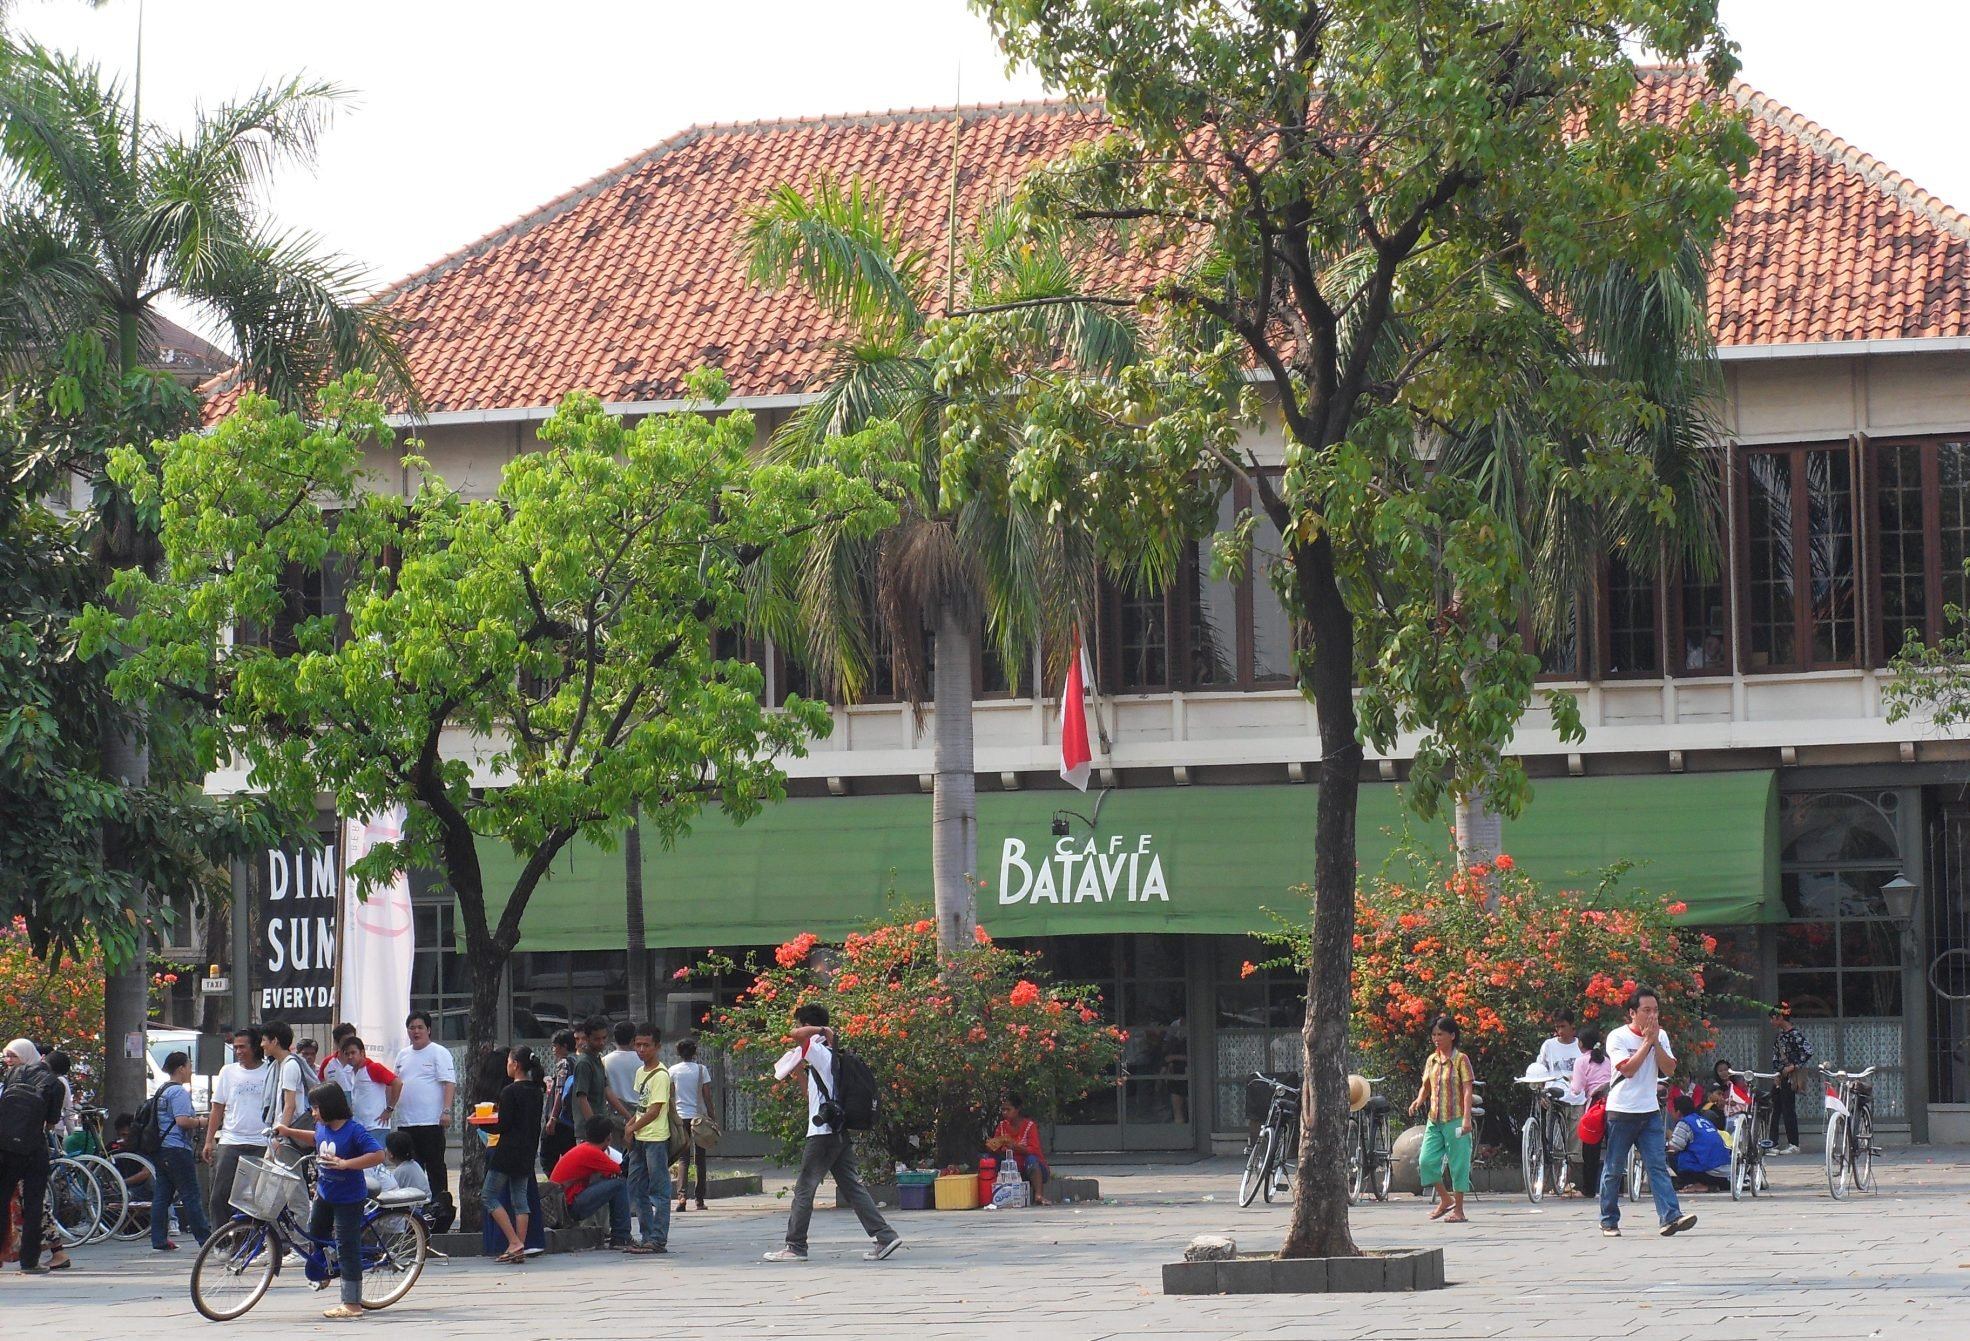 Jakarta Cafe Batavia